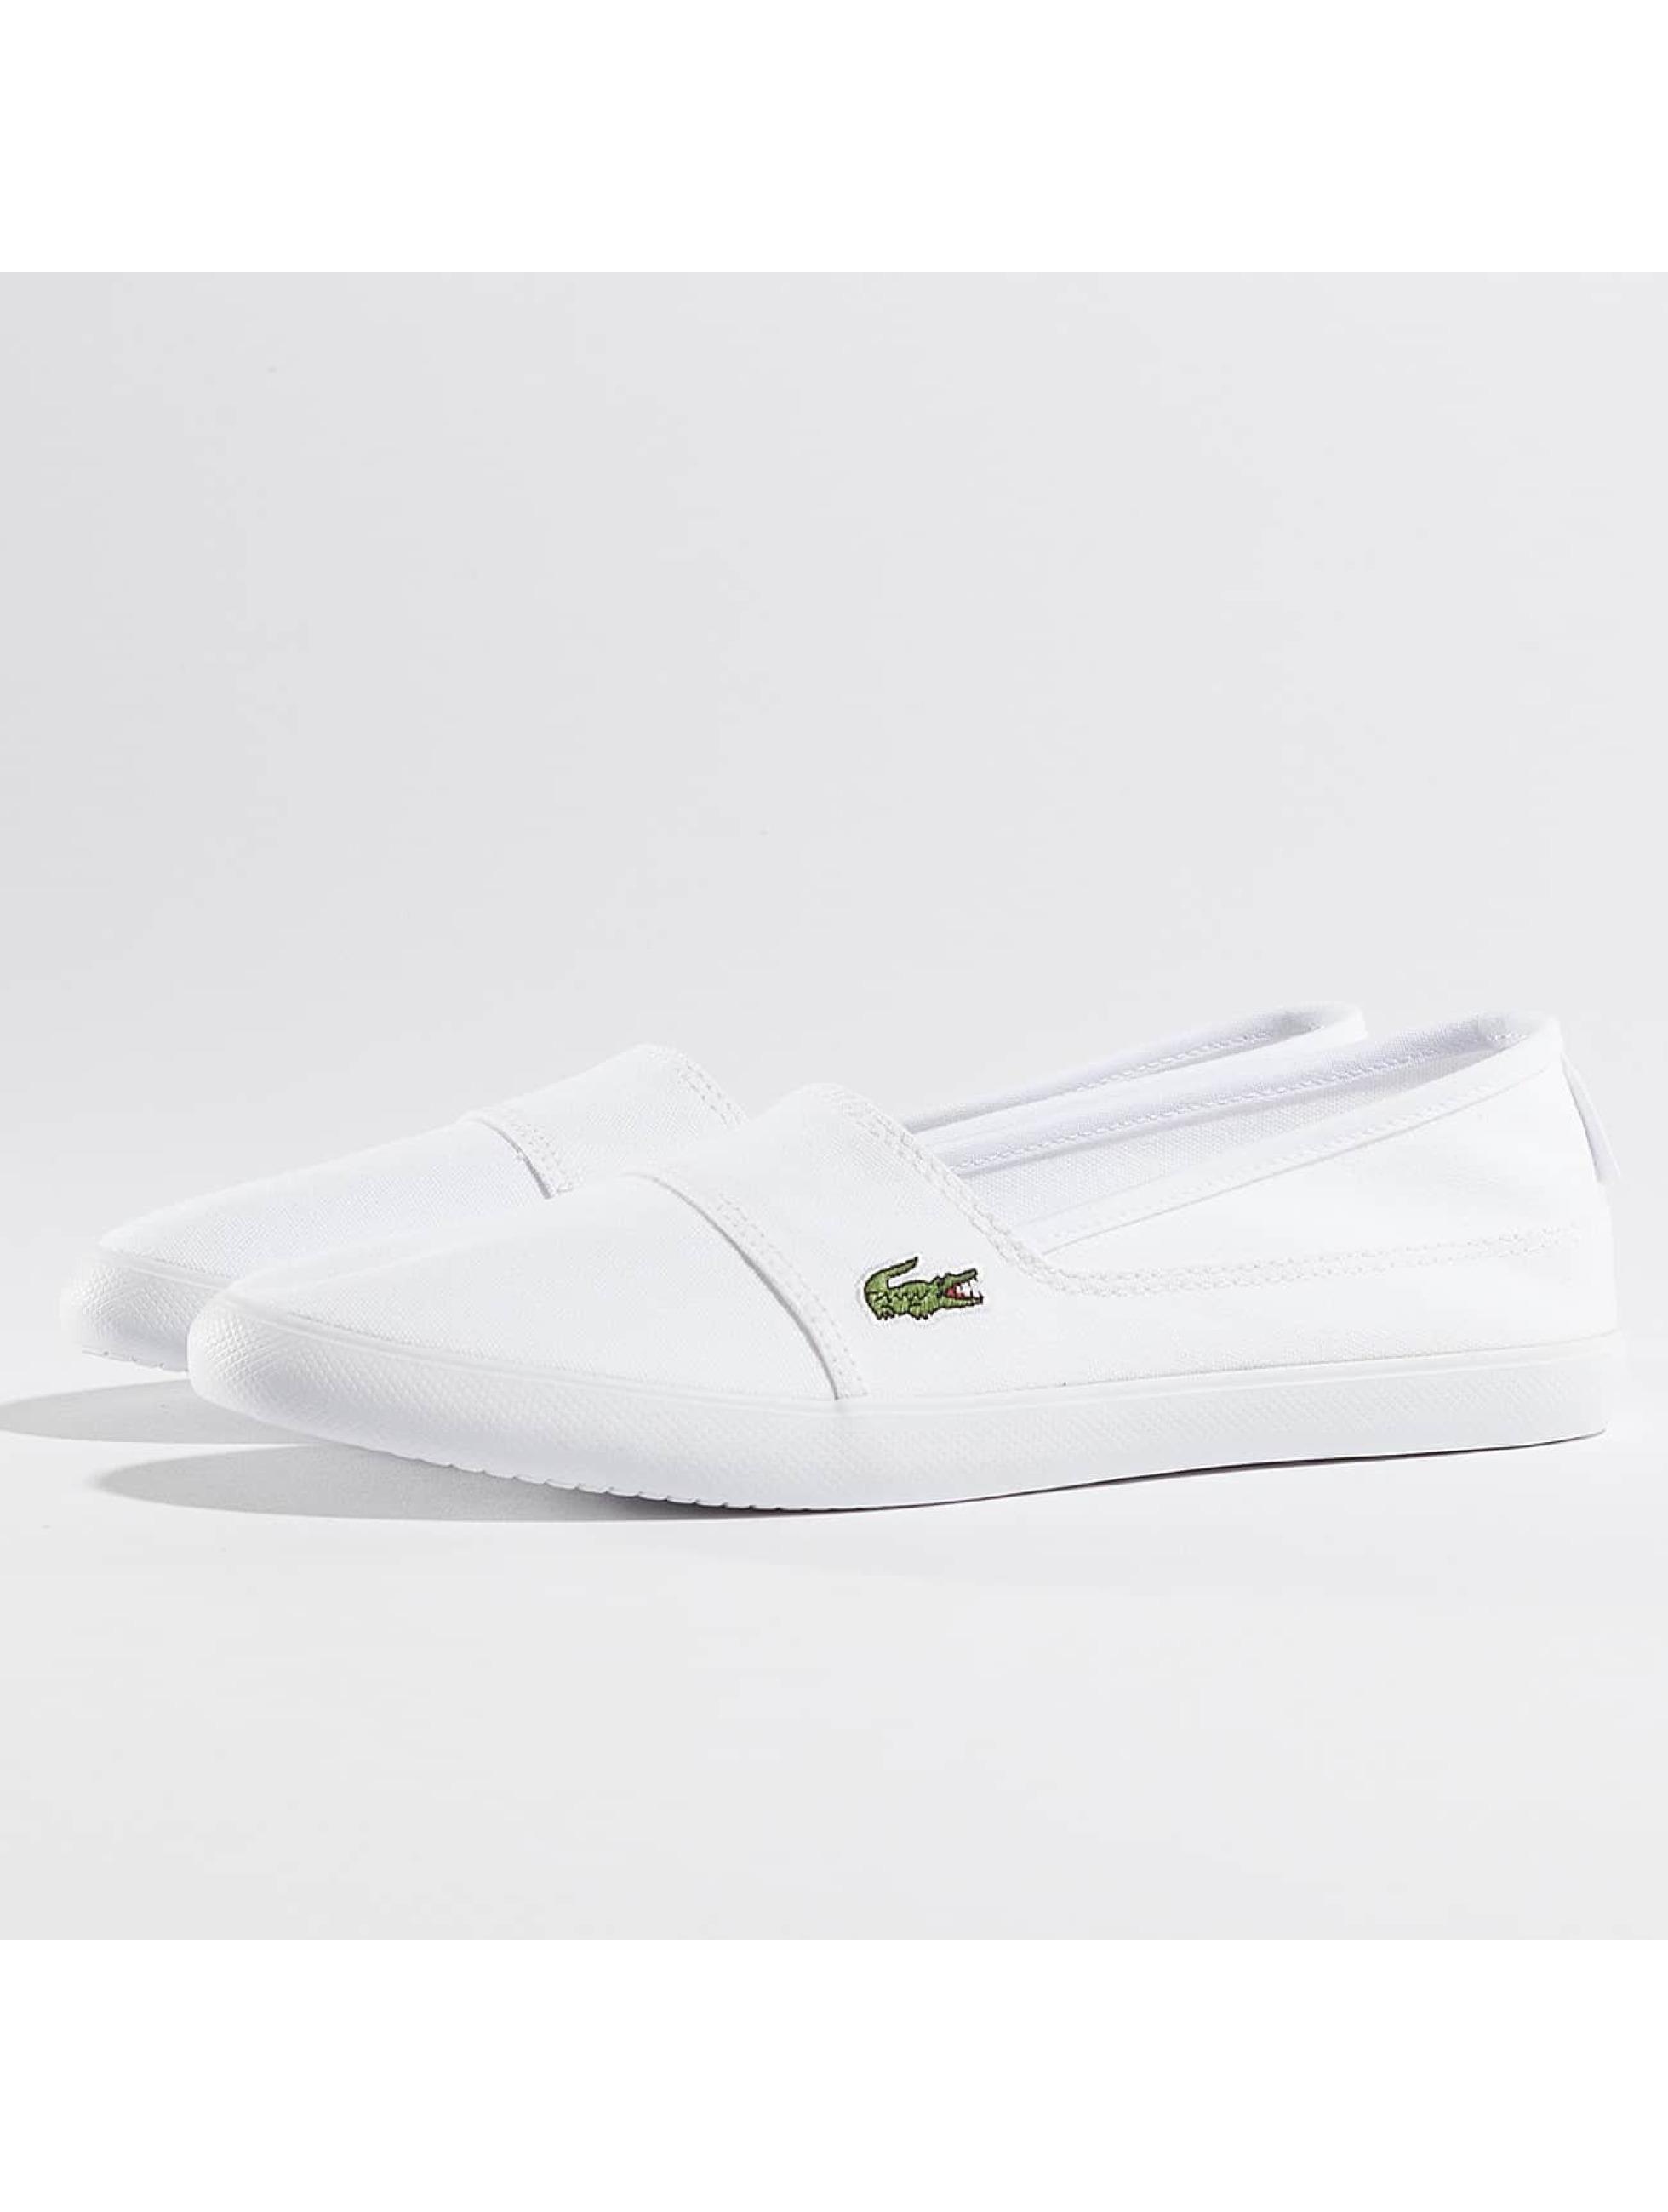 Chaussure Lacoste / Marice Bl 2 Dans L'esprit on0UBR8f